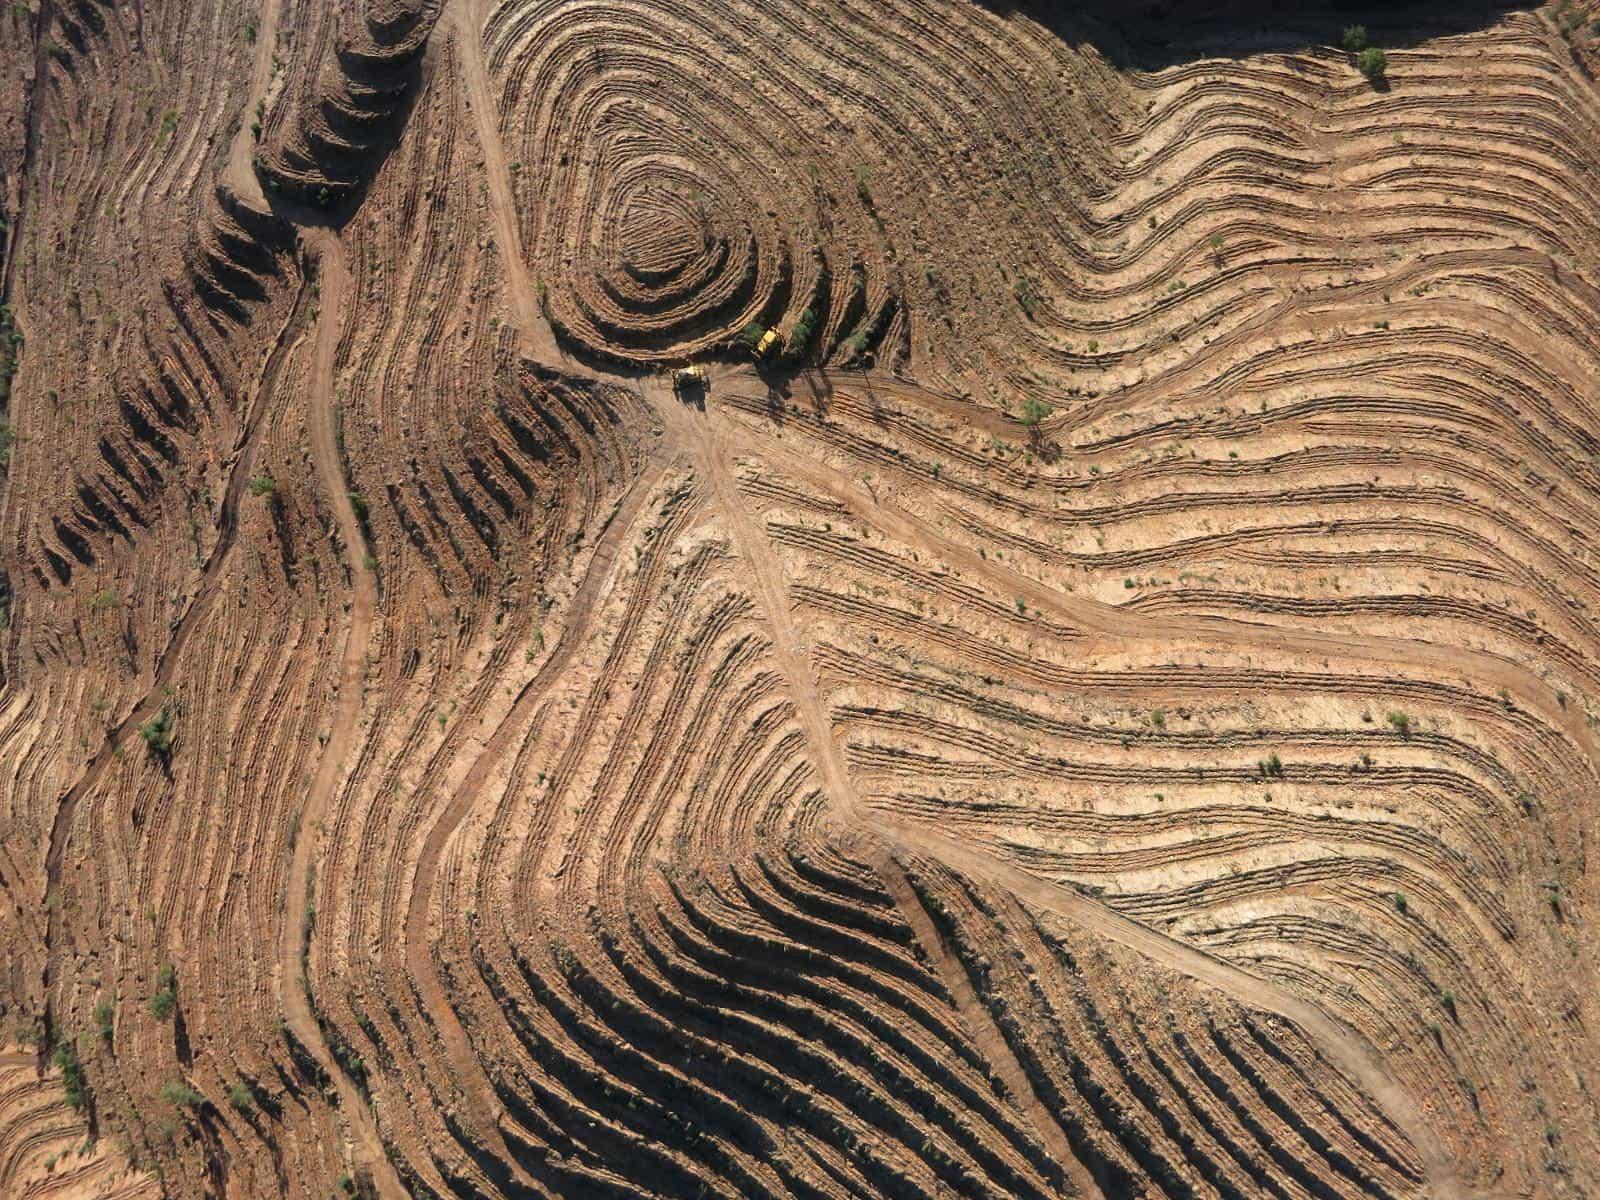 Pormenor de plantação florestal em patamares